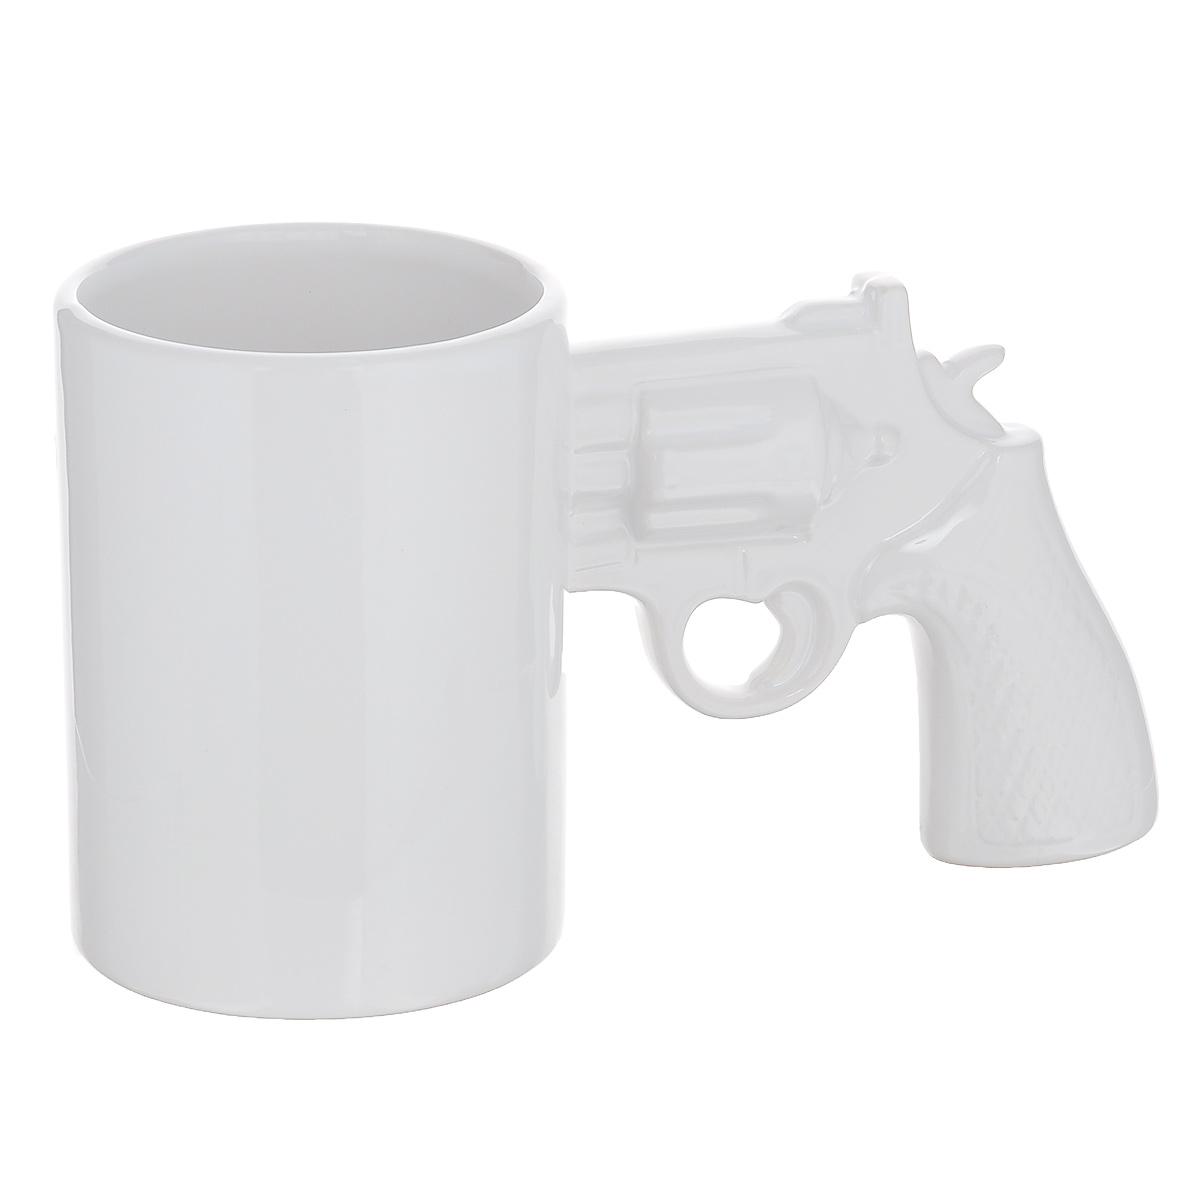 Кружка Револьвер, цвет: белый, 400 мл в москве травматический револьвер таурус